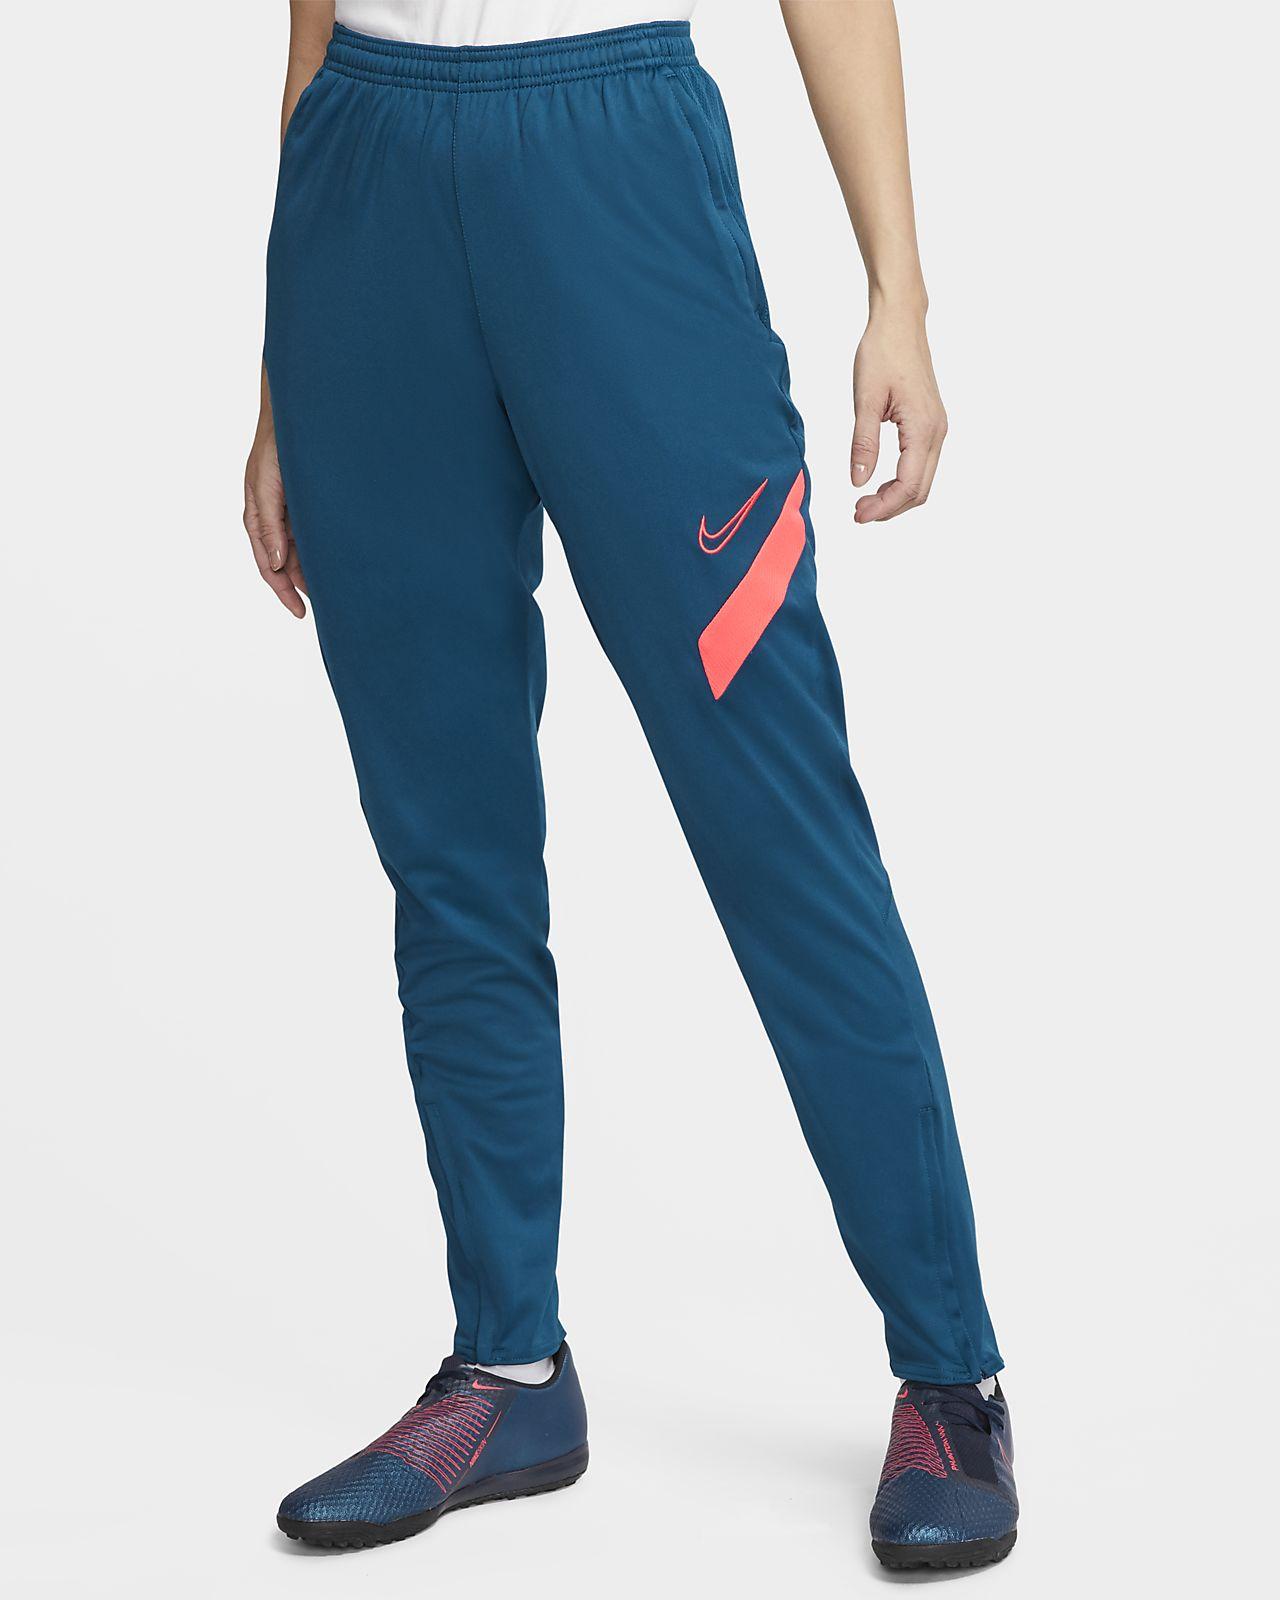 Pantalon de football Nike Dri-FIT Academy Pro pour Femme